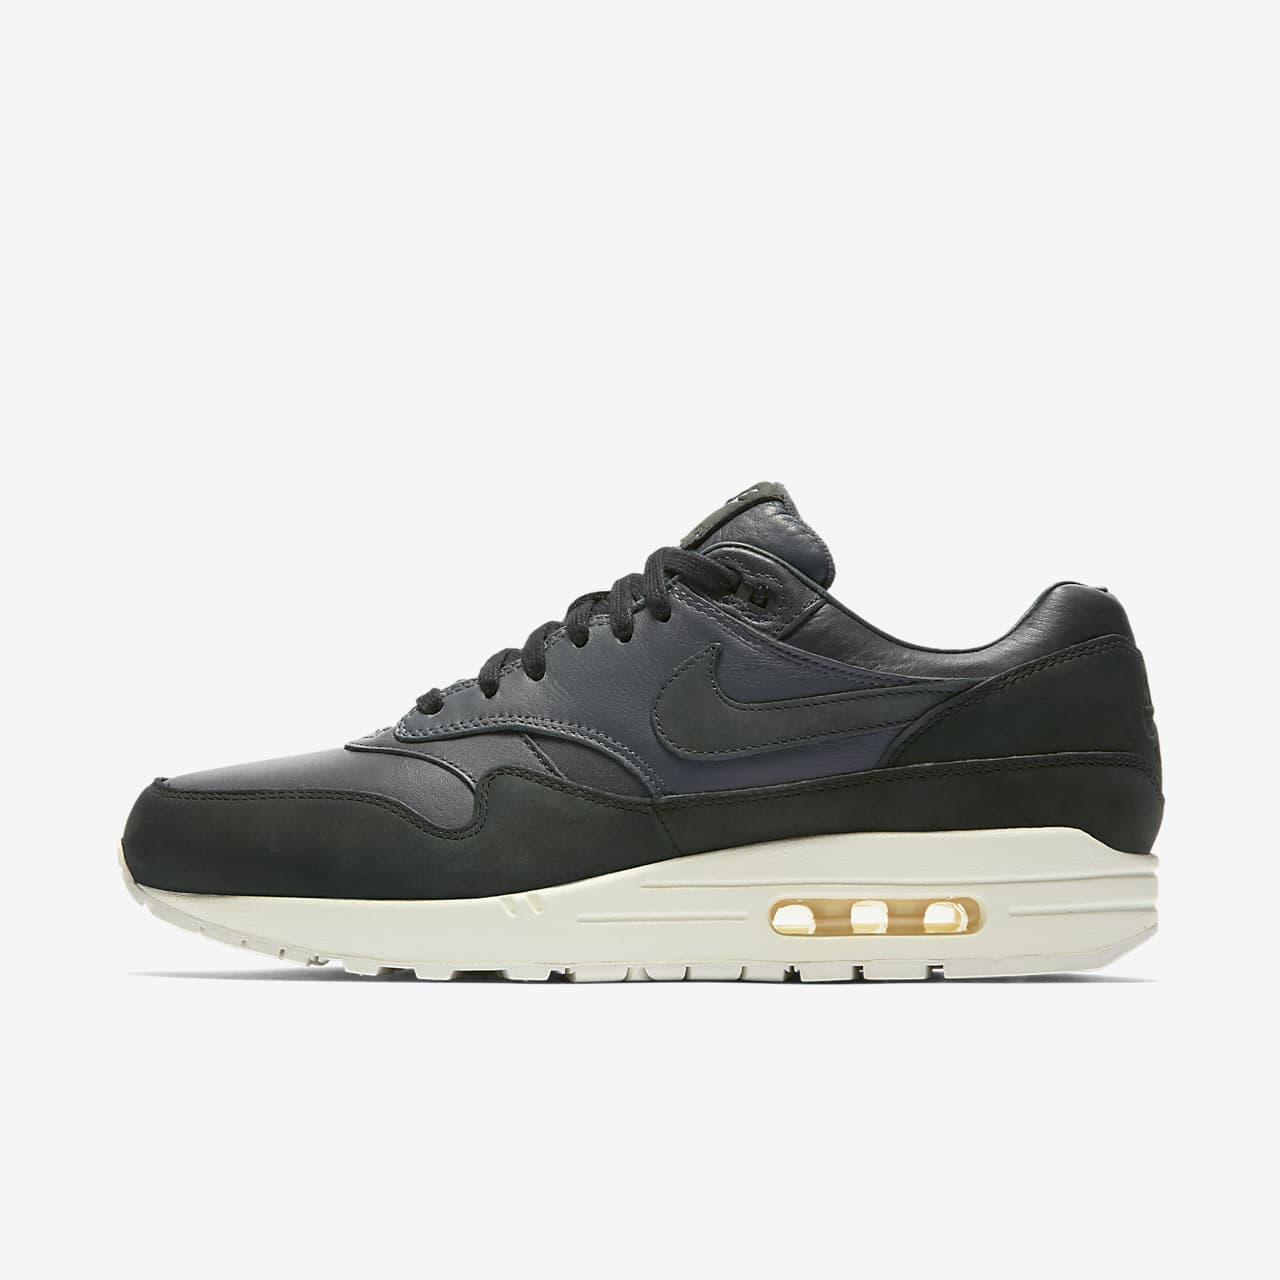 NikeLab Air Max 1 Pinnacle 男子运动鞋